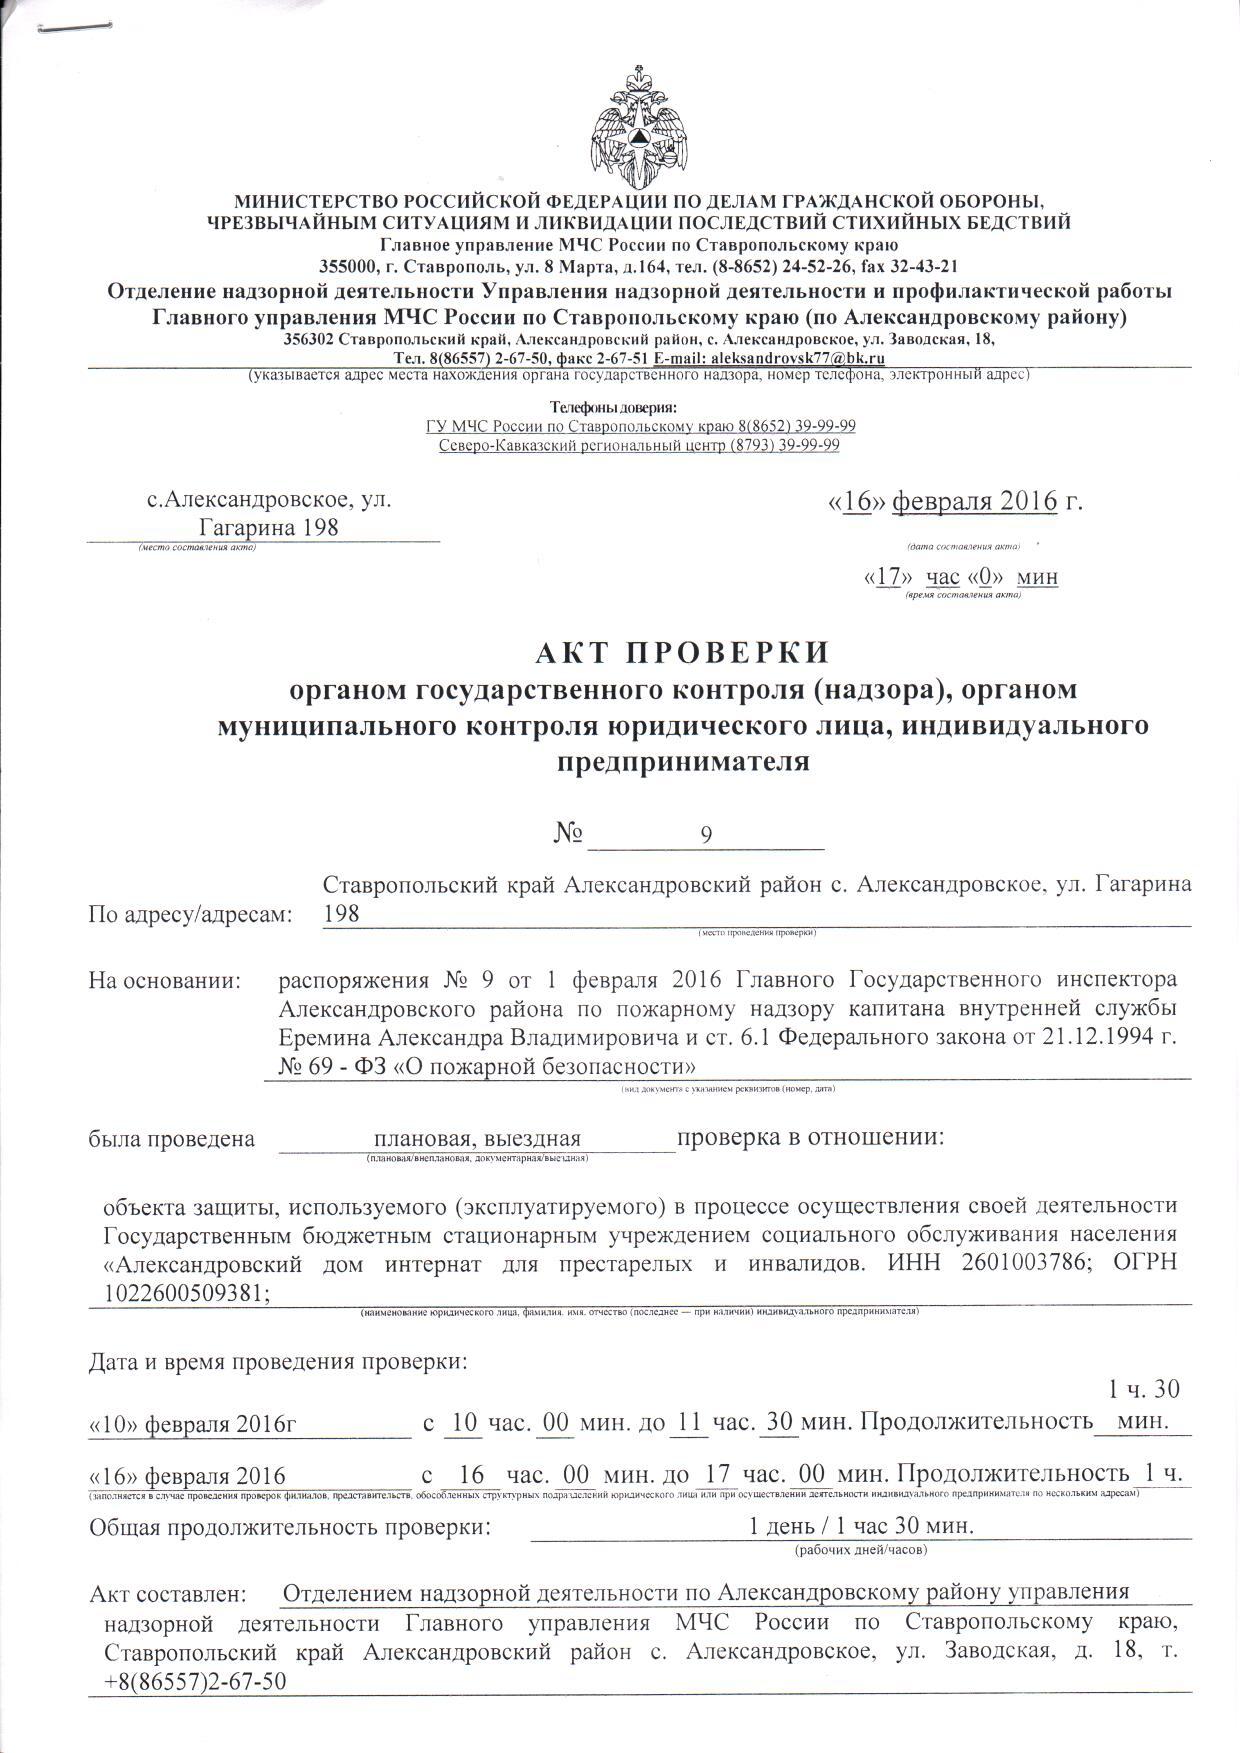 Акт проверки МЧС от 16.02.2016